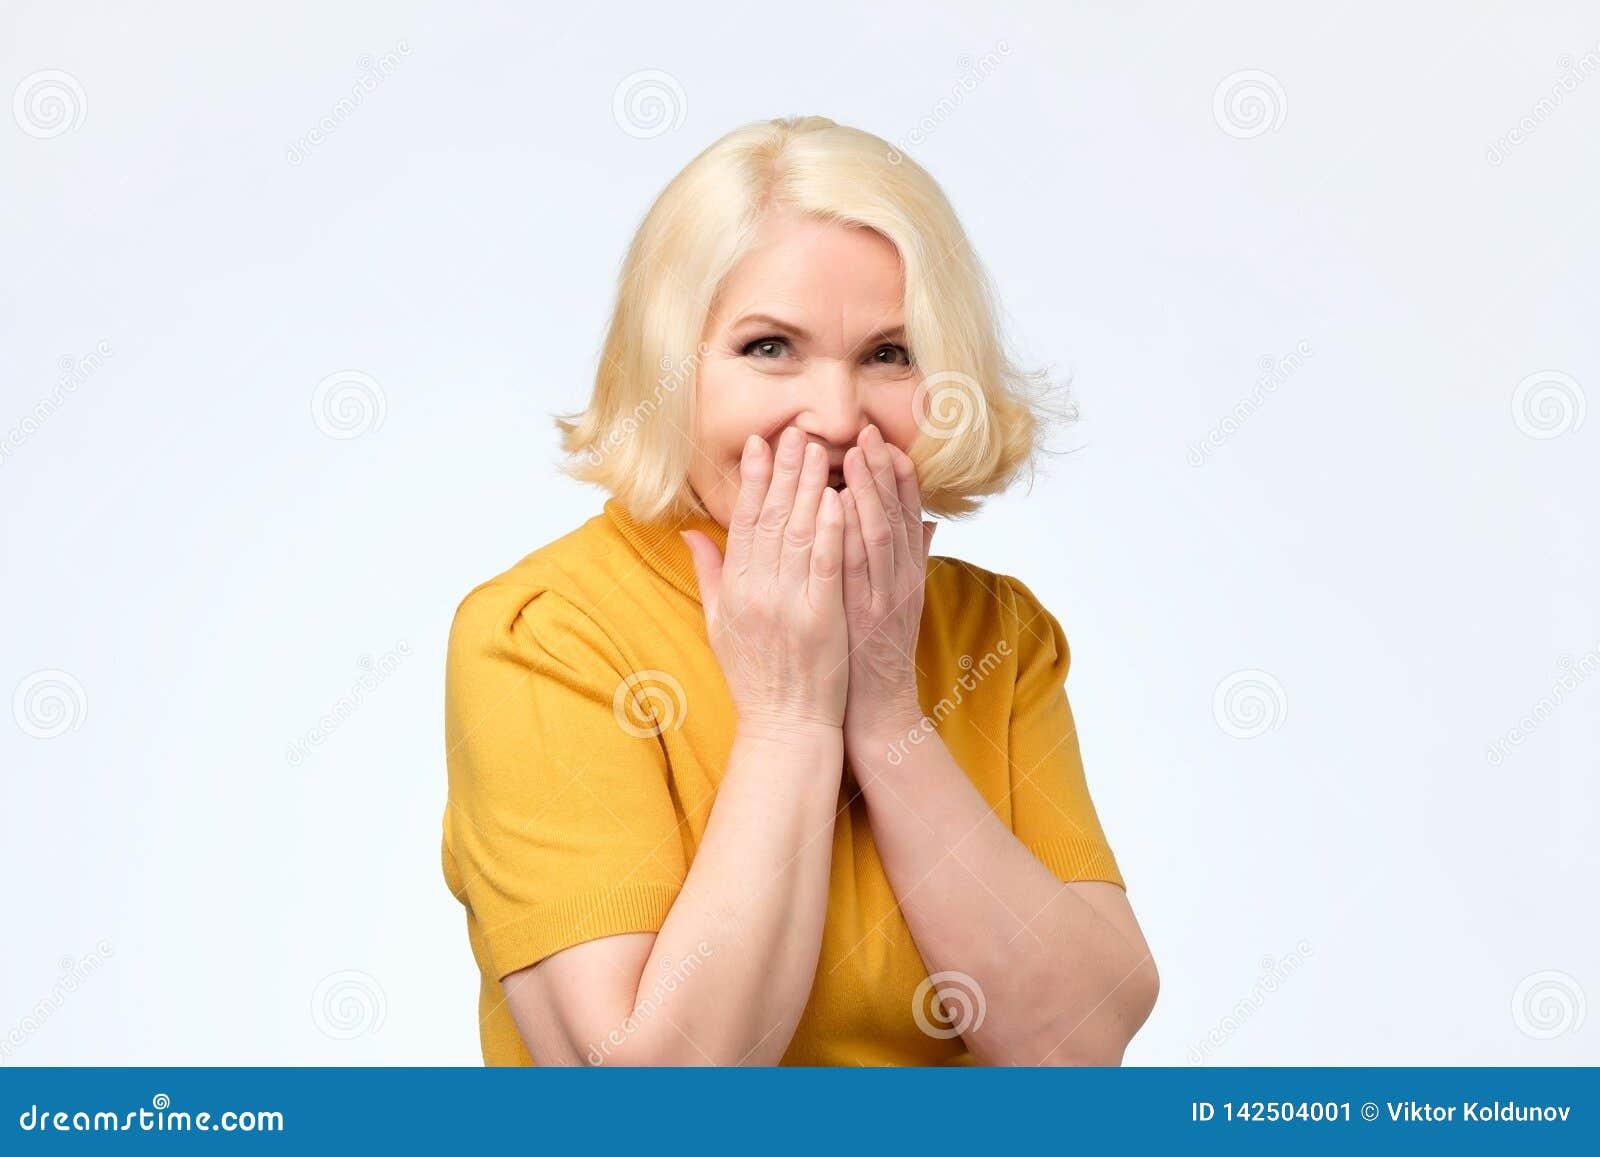 当尝试停止笑,快乐资深女性嘻嘻笑,包括嘴